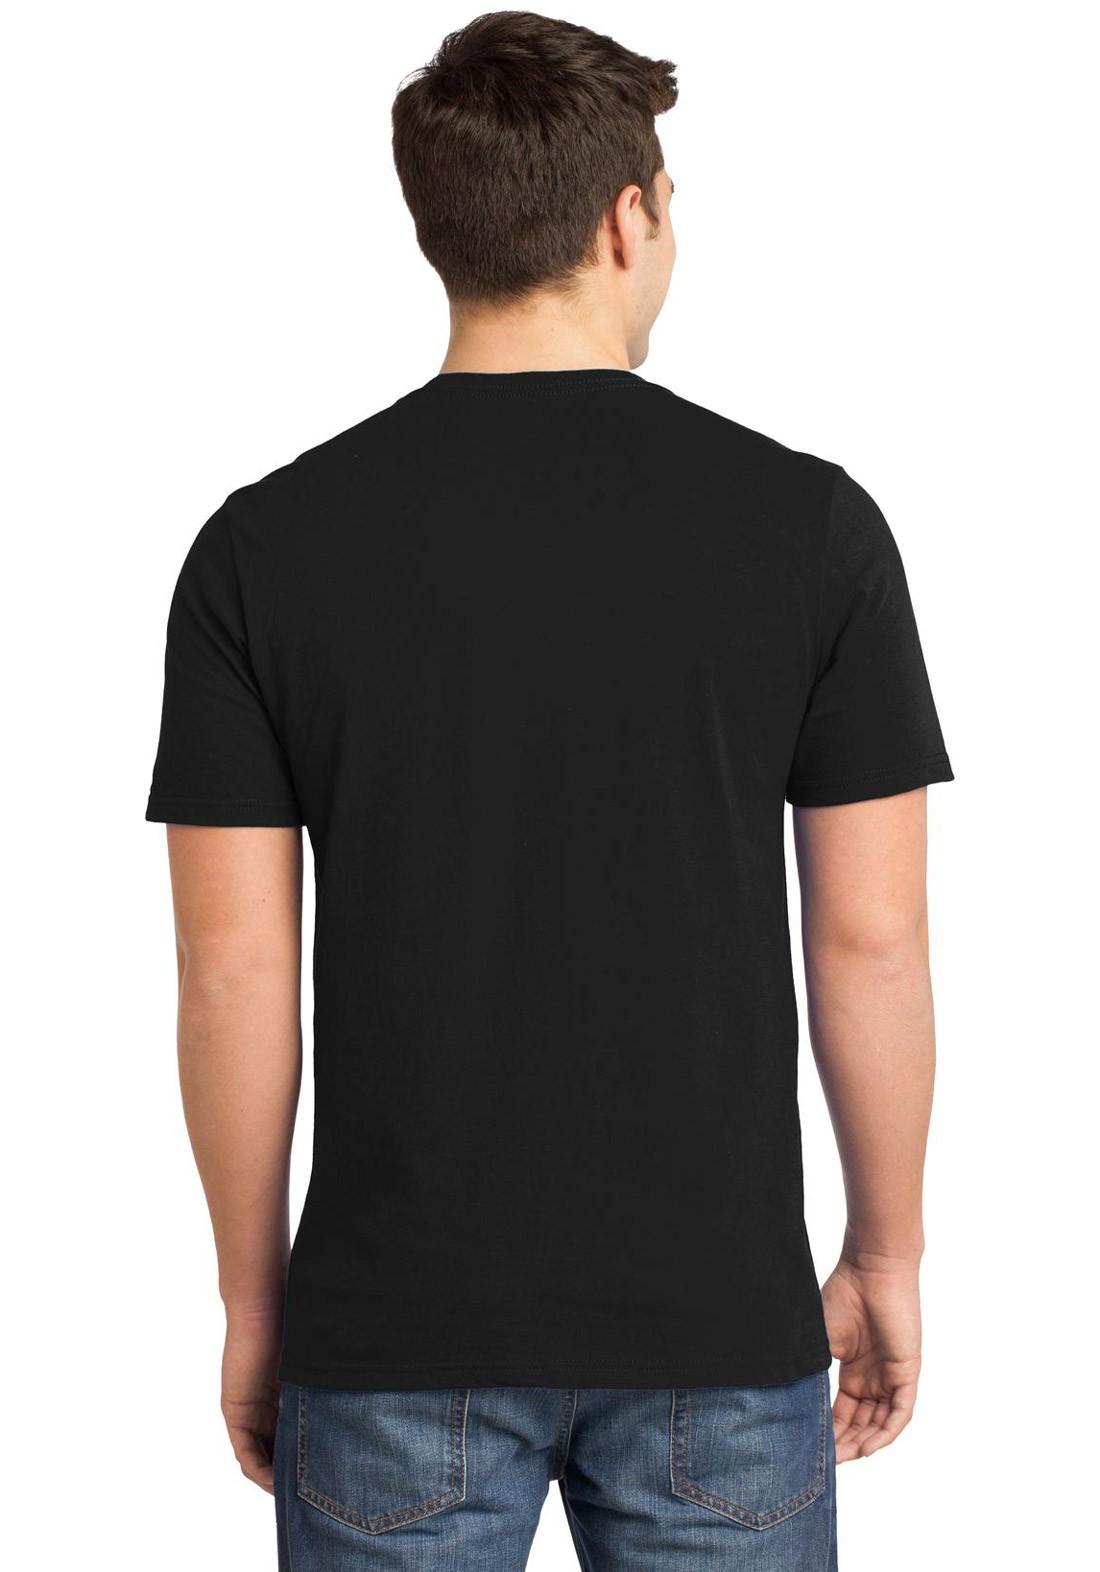 Camiseta Masculina Universitária Faculdade Nutrição